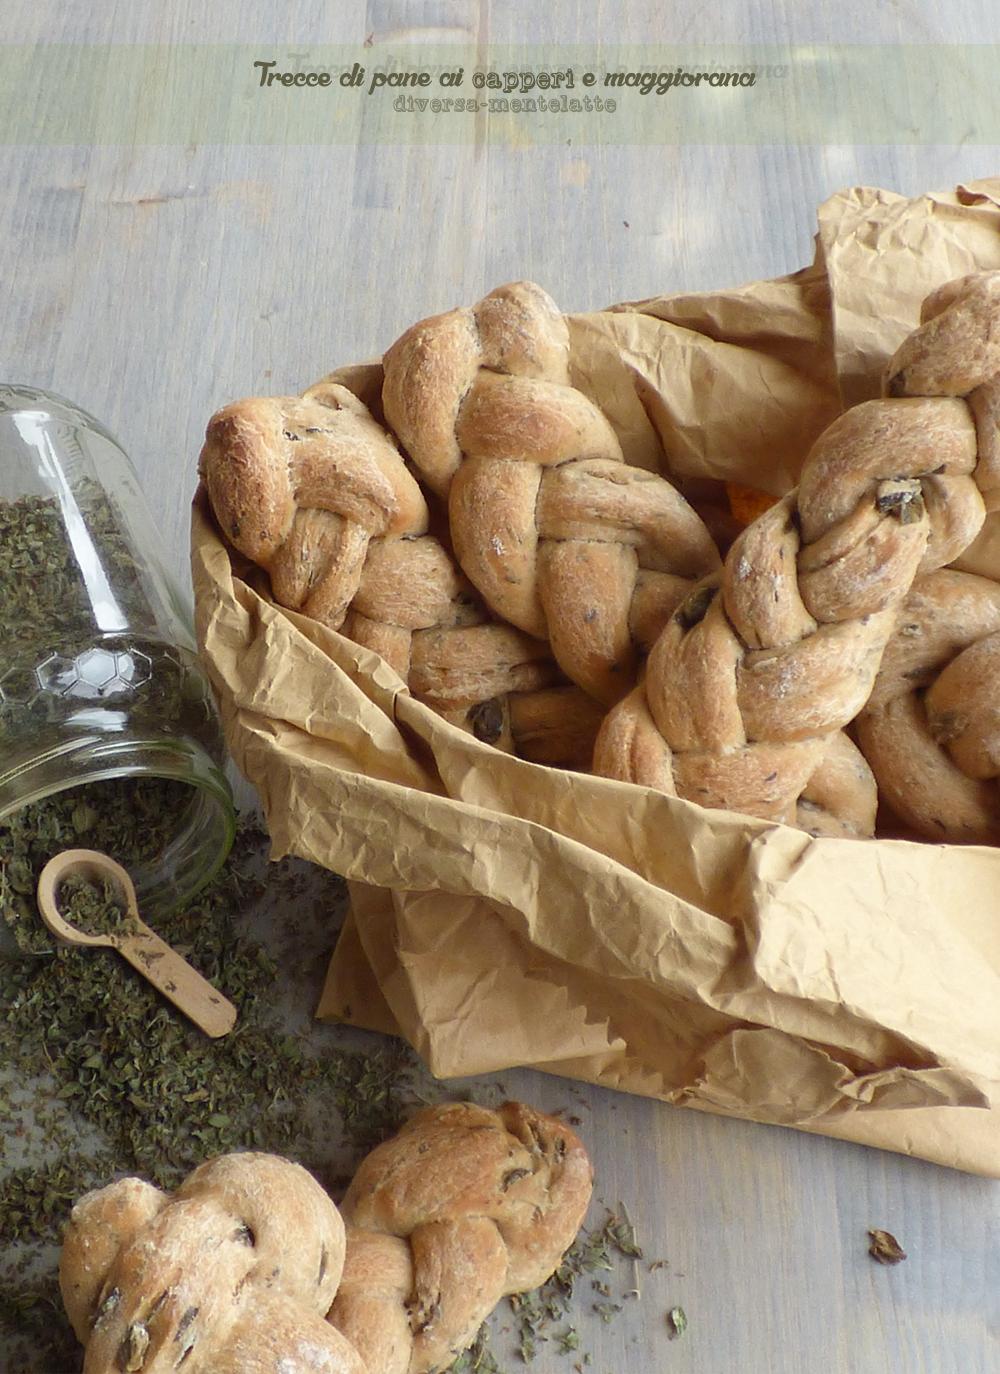 Trecce di pane ai capperi